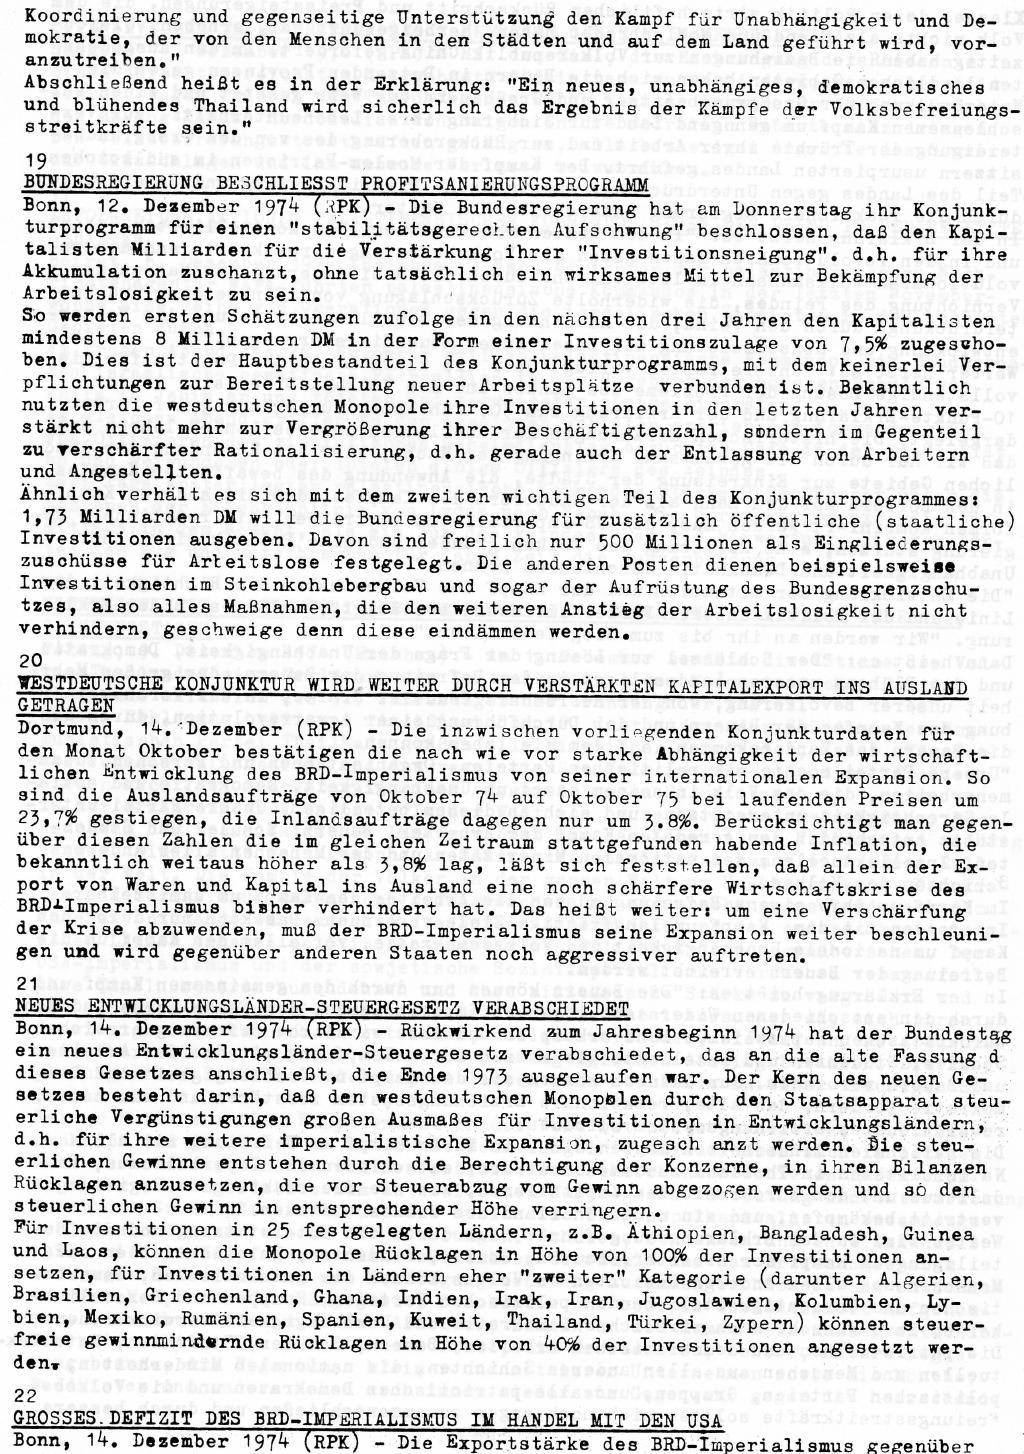 RPK_Pressedienst_1974_06_08